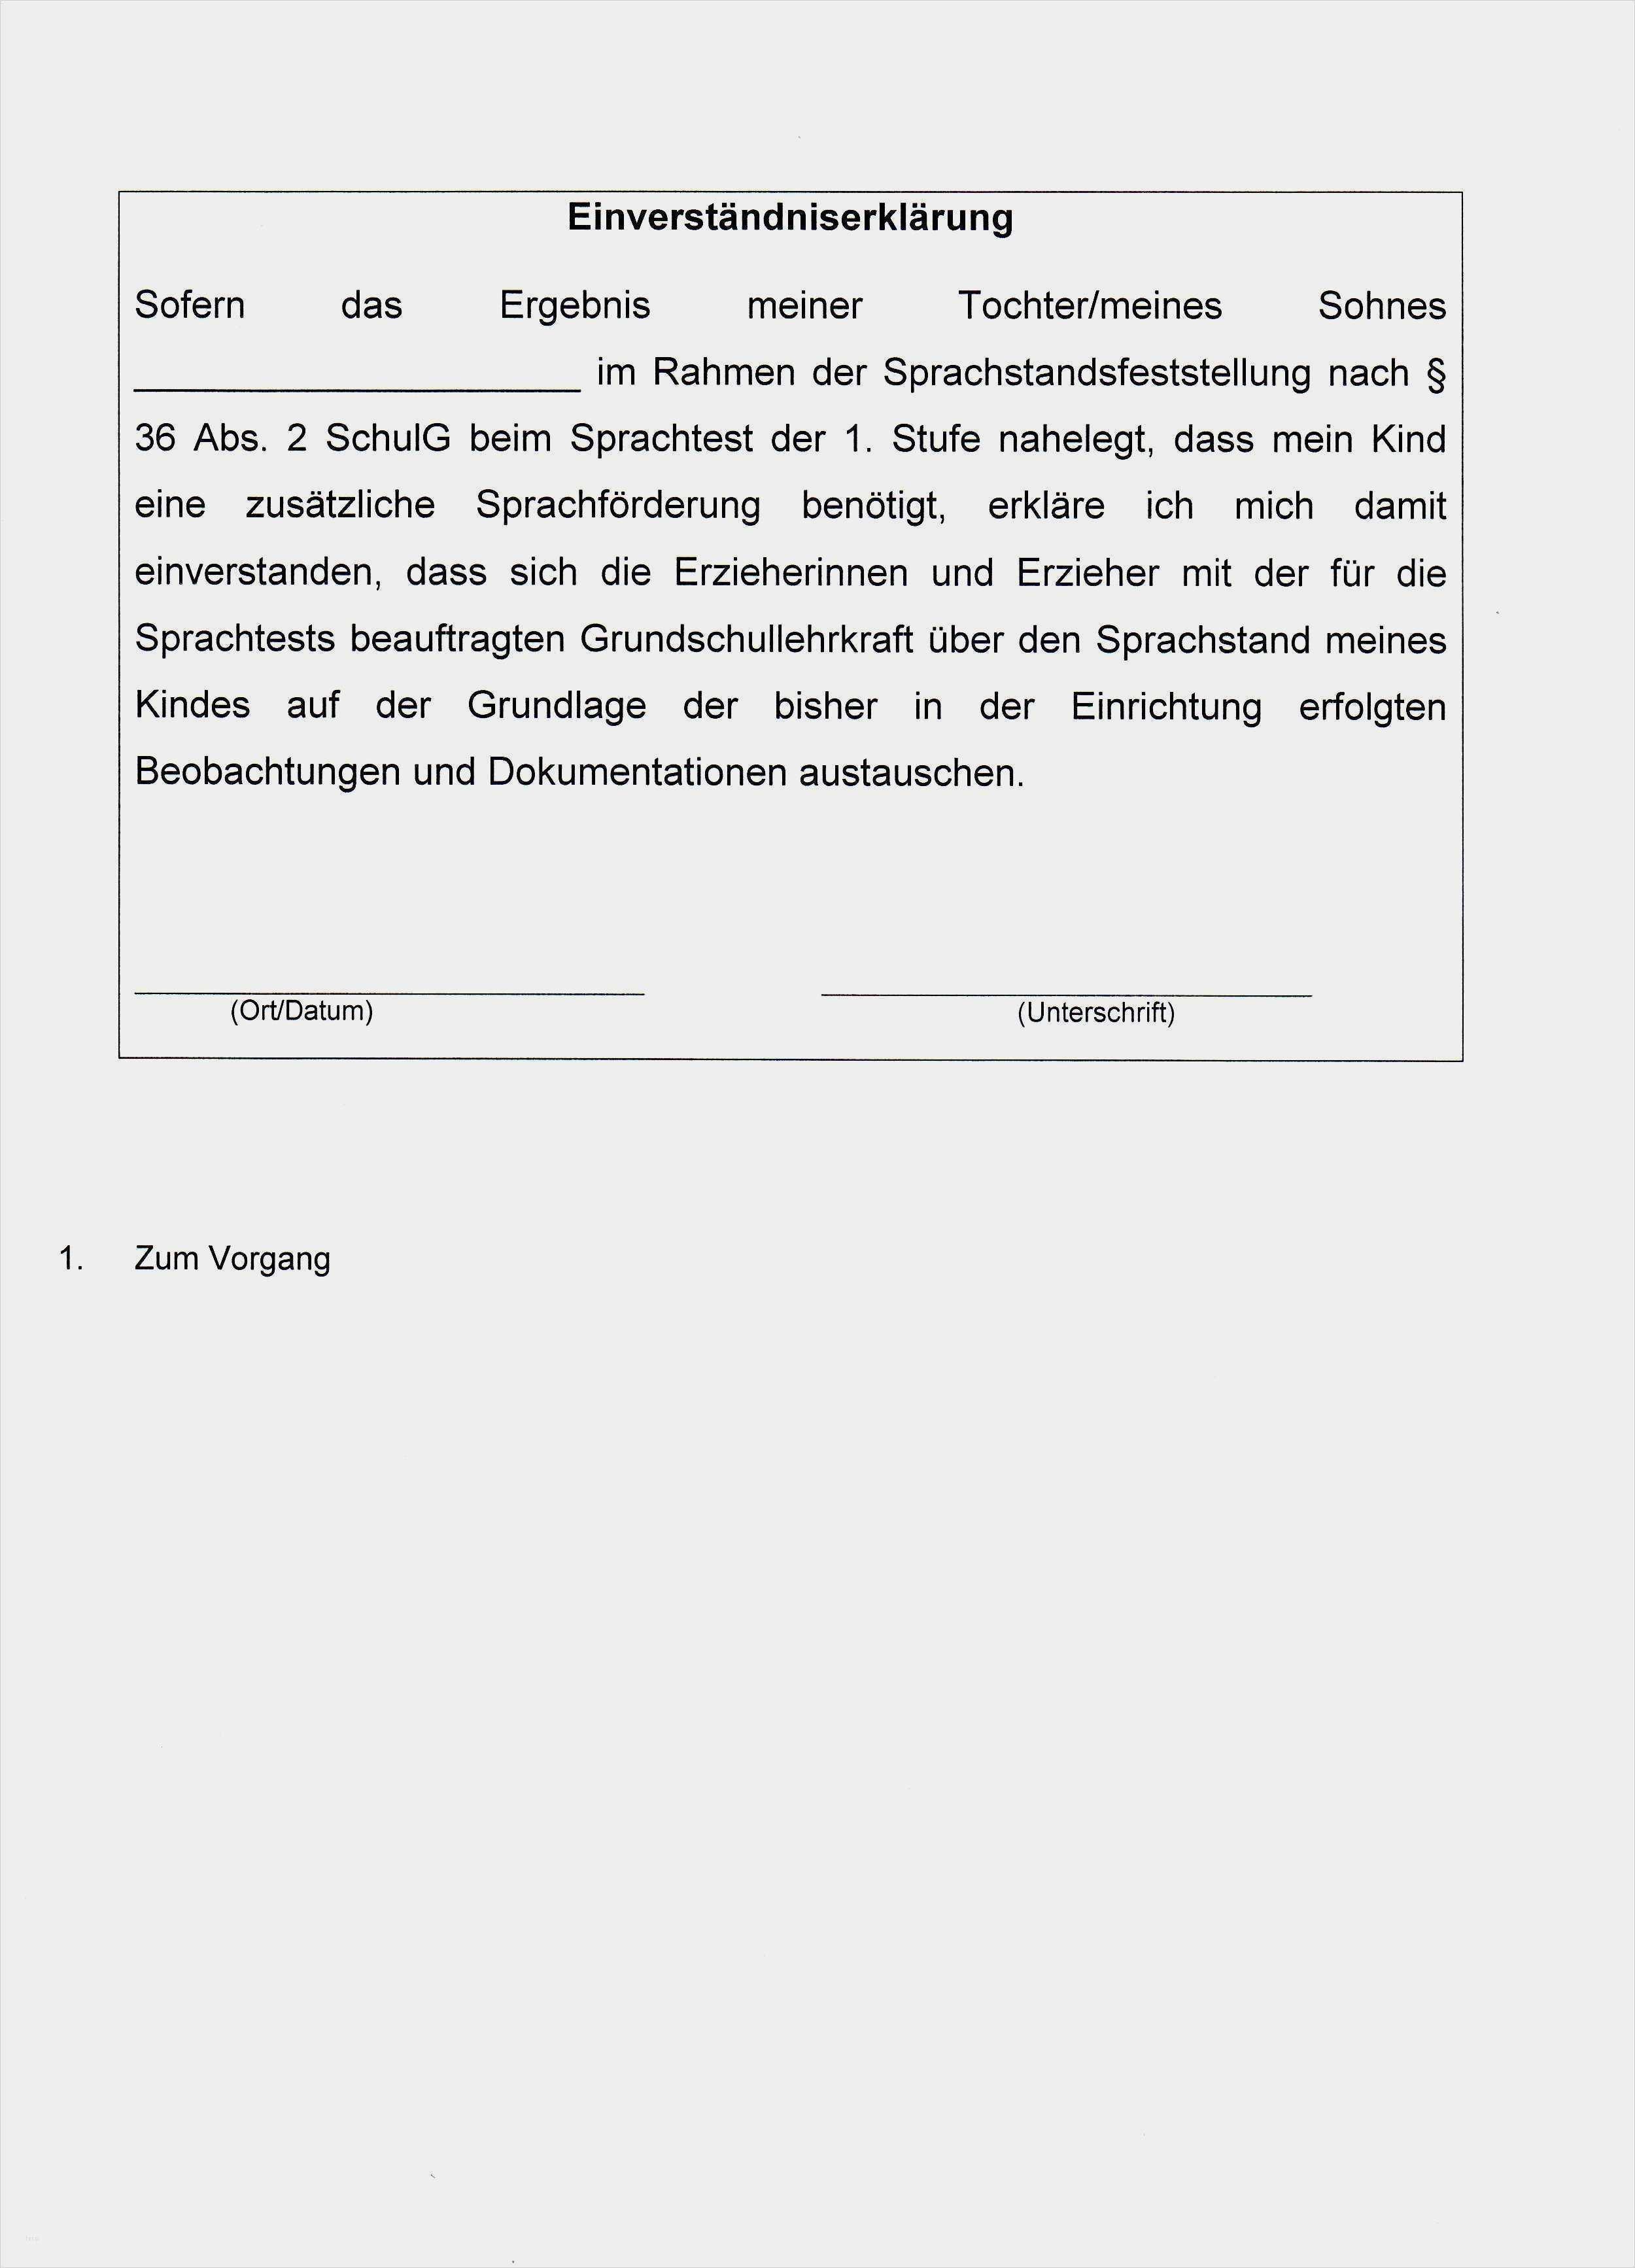 Neu Mietschuldenfreiheitsbescheinigung Von Eltern Vorlage Bilder Vorlagen Word Lebenslauf Vorlagen Word Lehrer Planer